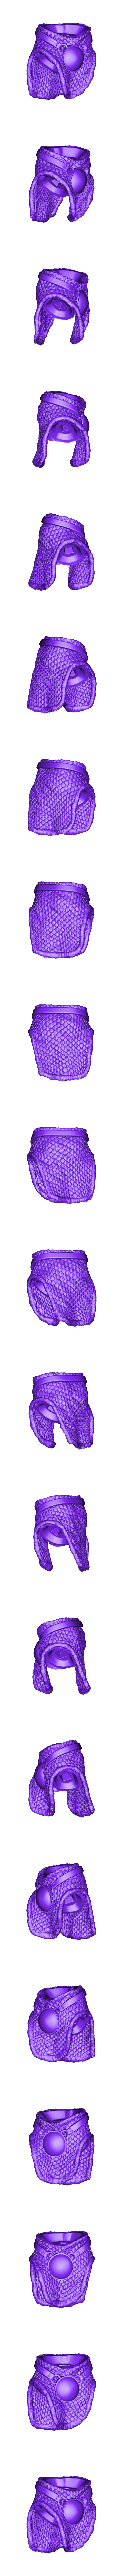 Hips (repaired).stl Télécharger fichier STL gratuit Chasseur noir • Design imprimable en 3D, al3x